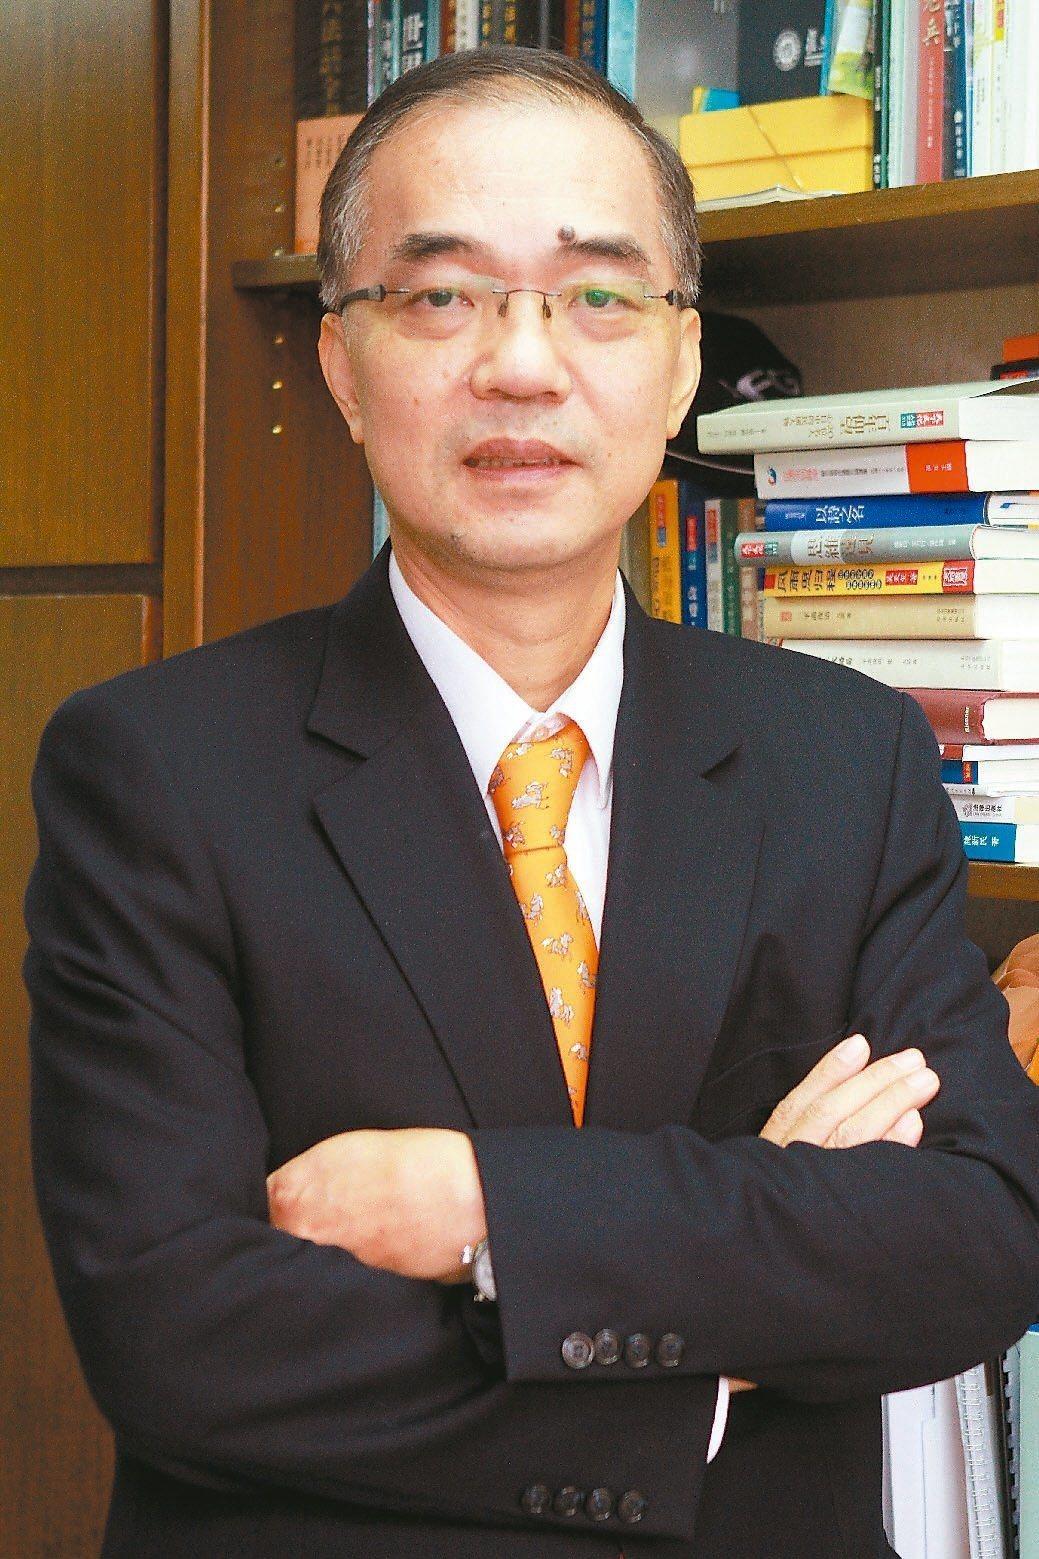 前海基會副董事長馬紹章。(聯合報資料照)